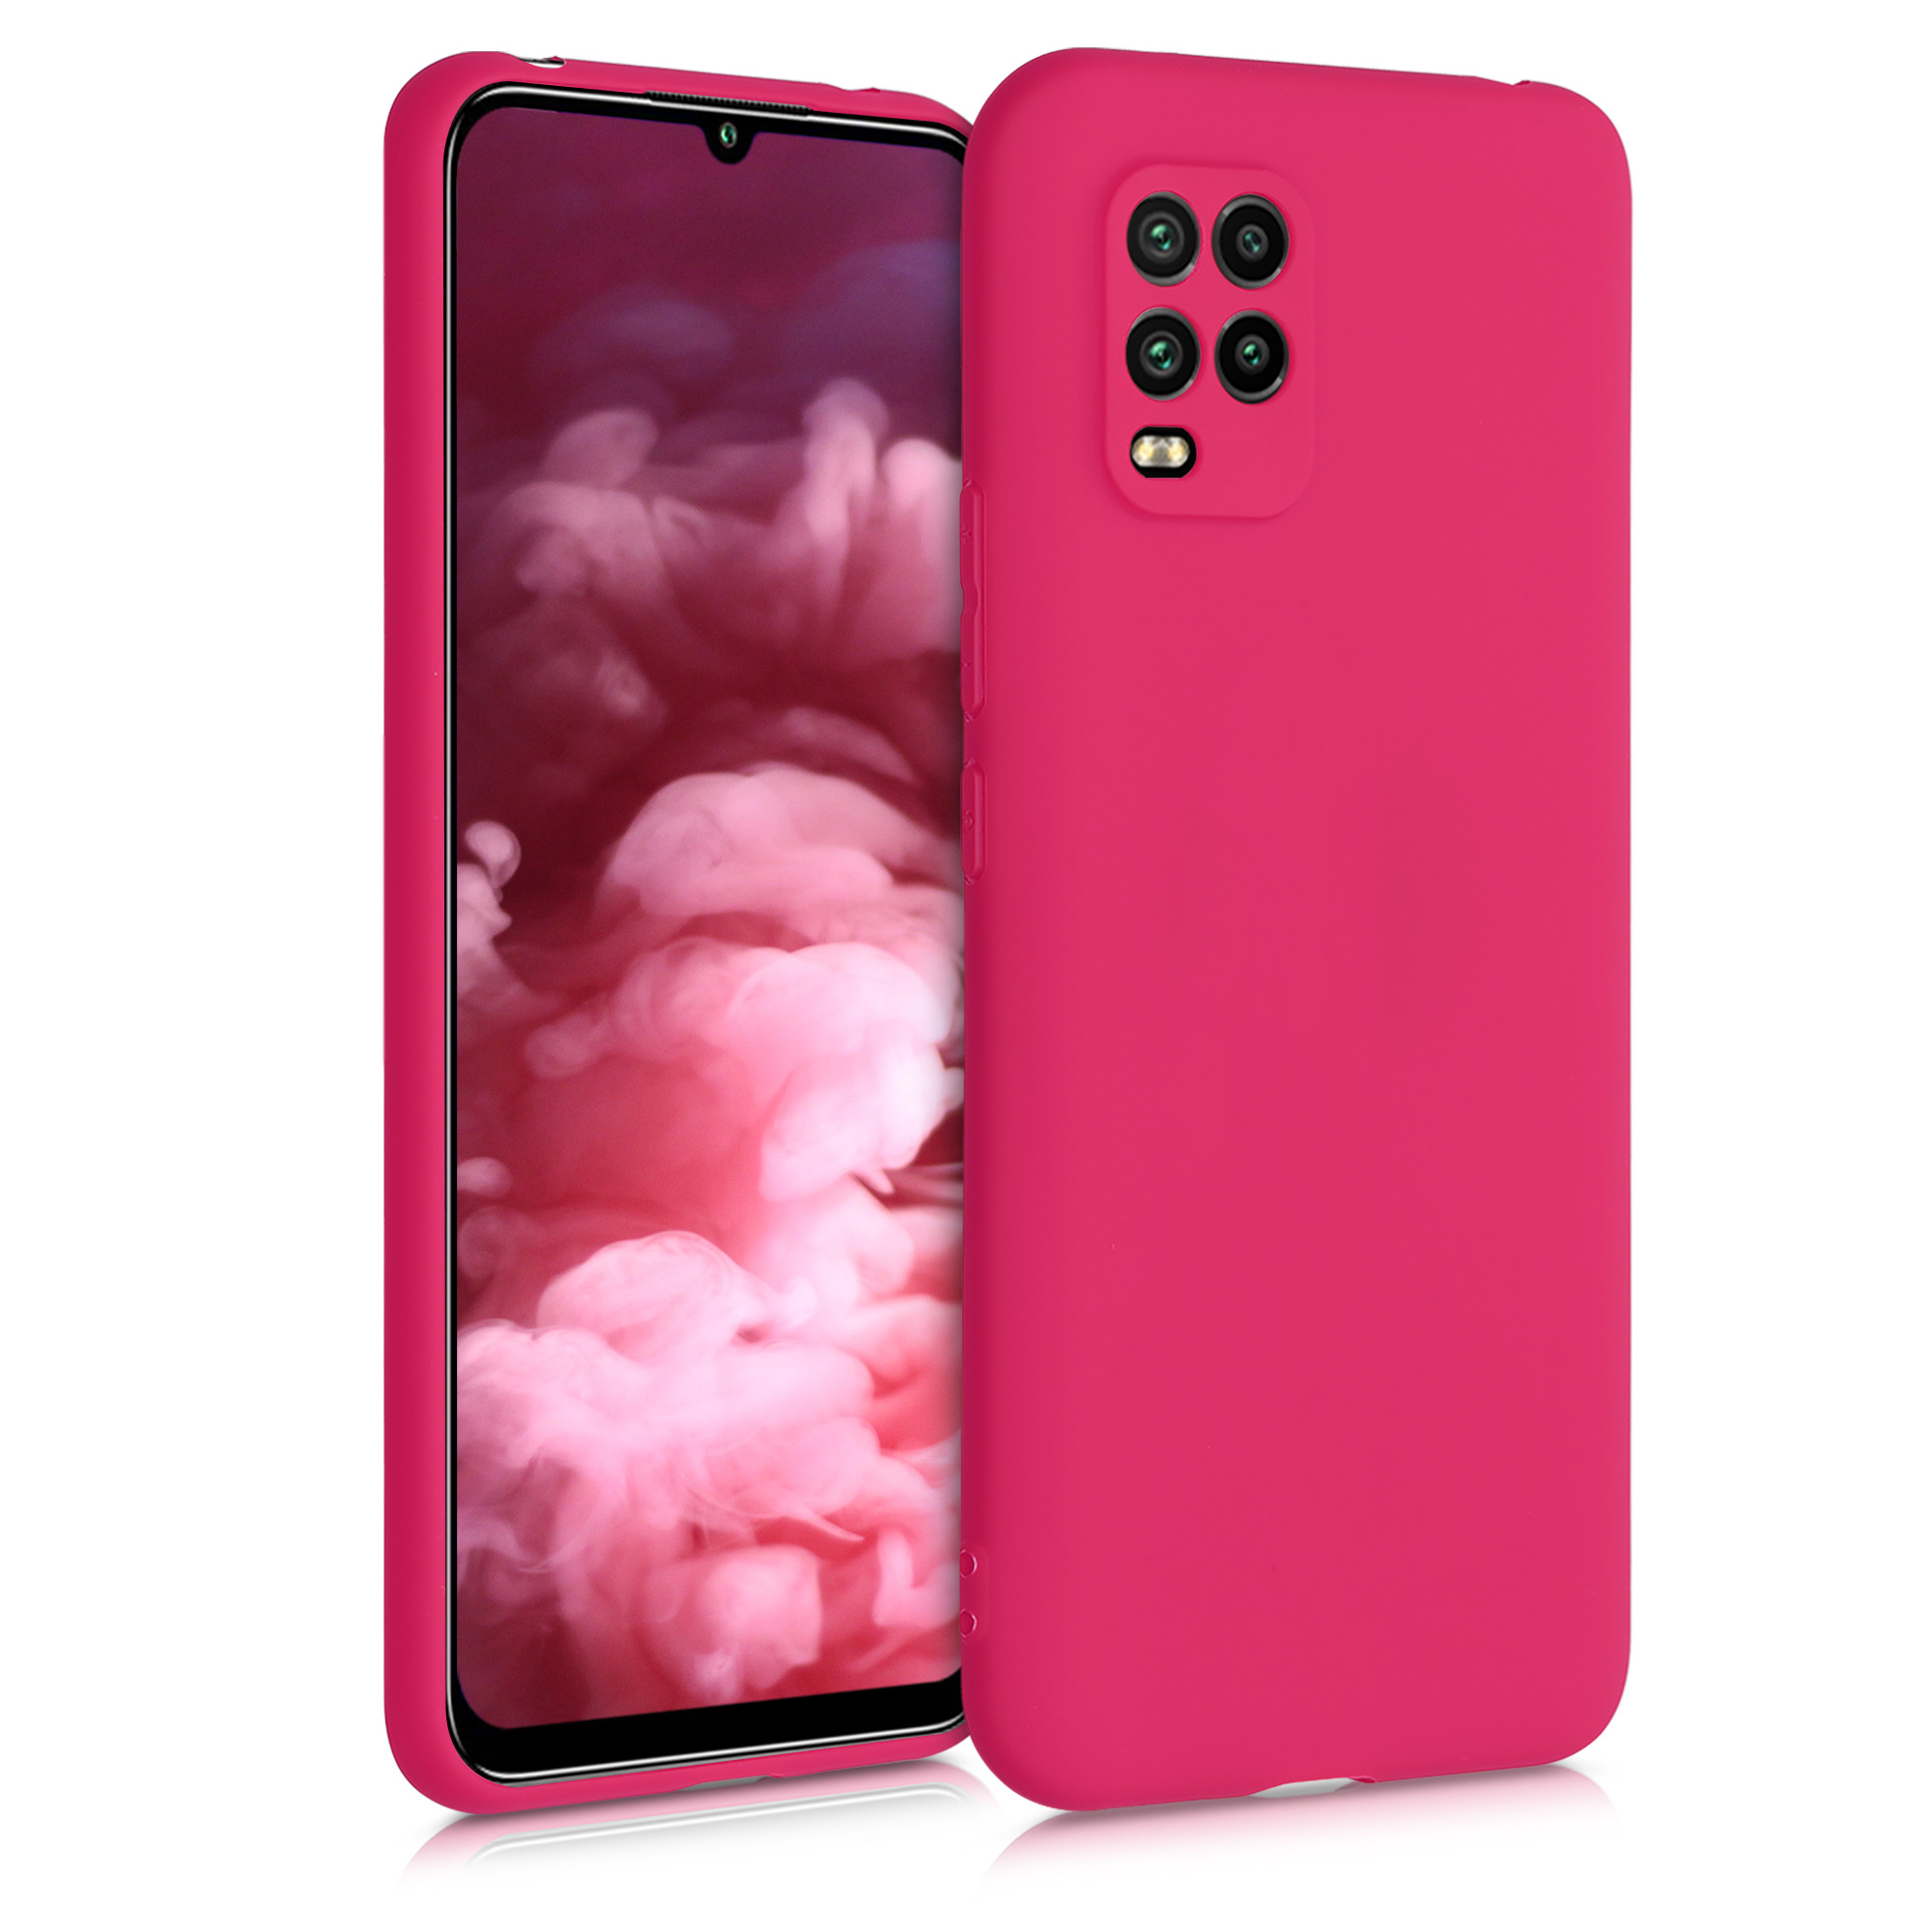 Sytě růžové silikonové pouzdro / obal pro Xiaomi Mi 10 Lite